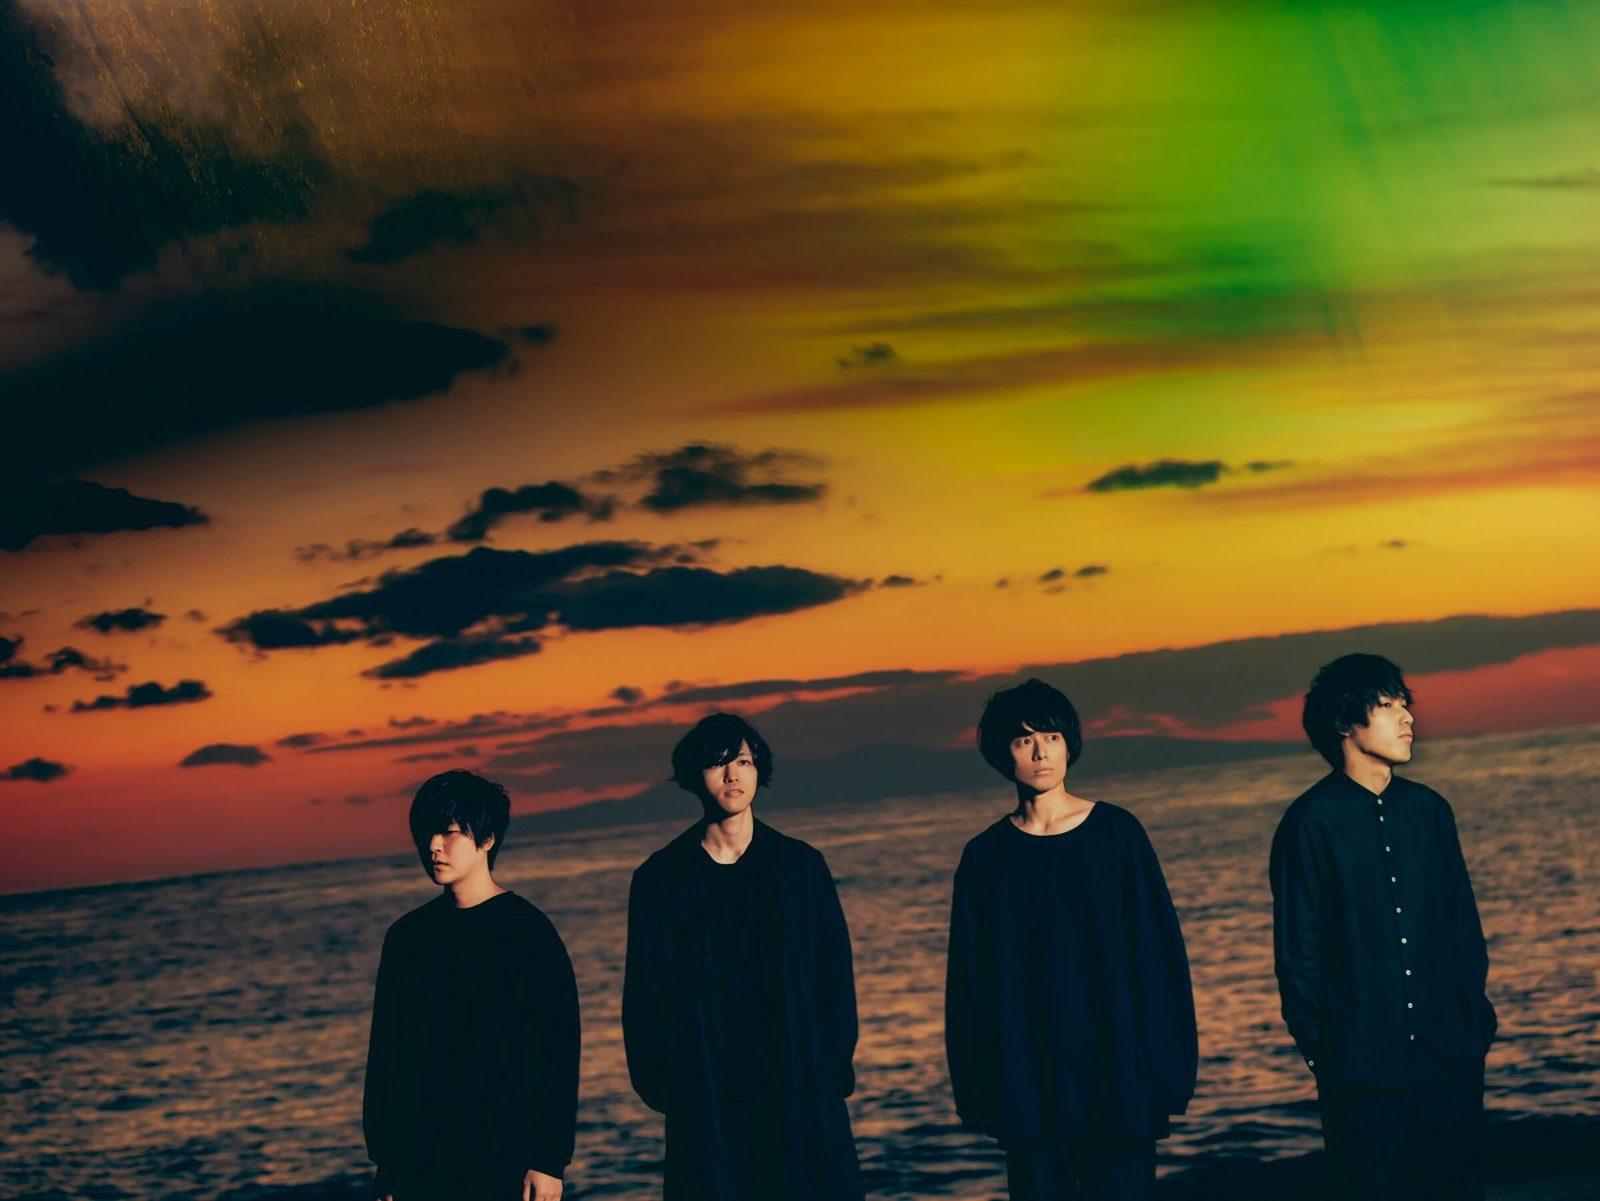 京都発4ピースバンドmol-74、メジャーデビュー&再録10曲に新曲を加えたフルアルバムリリース決定サムネイル画像!